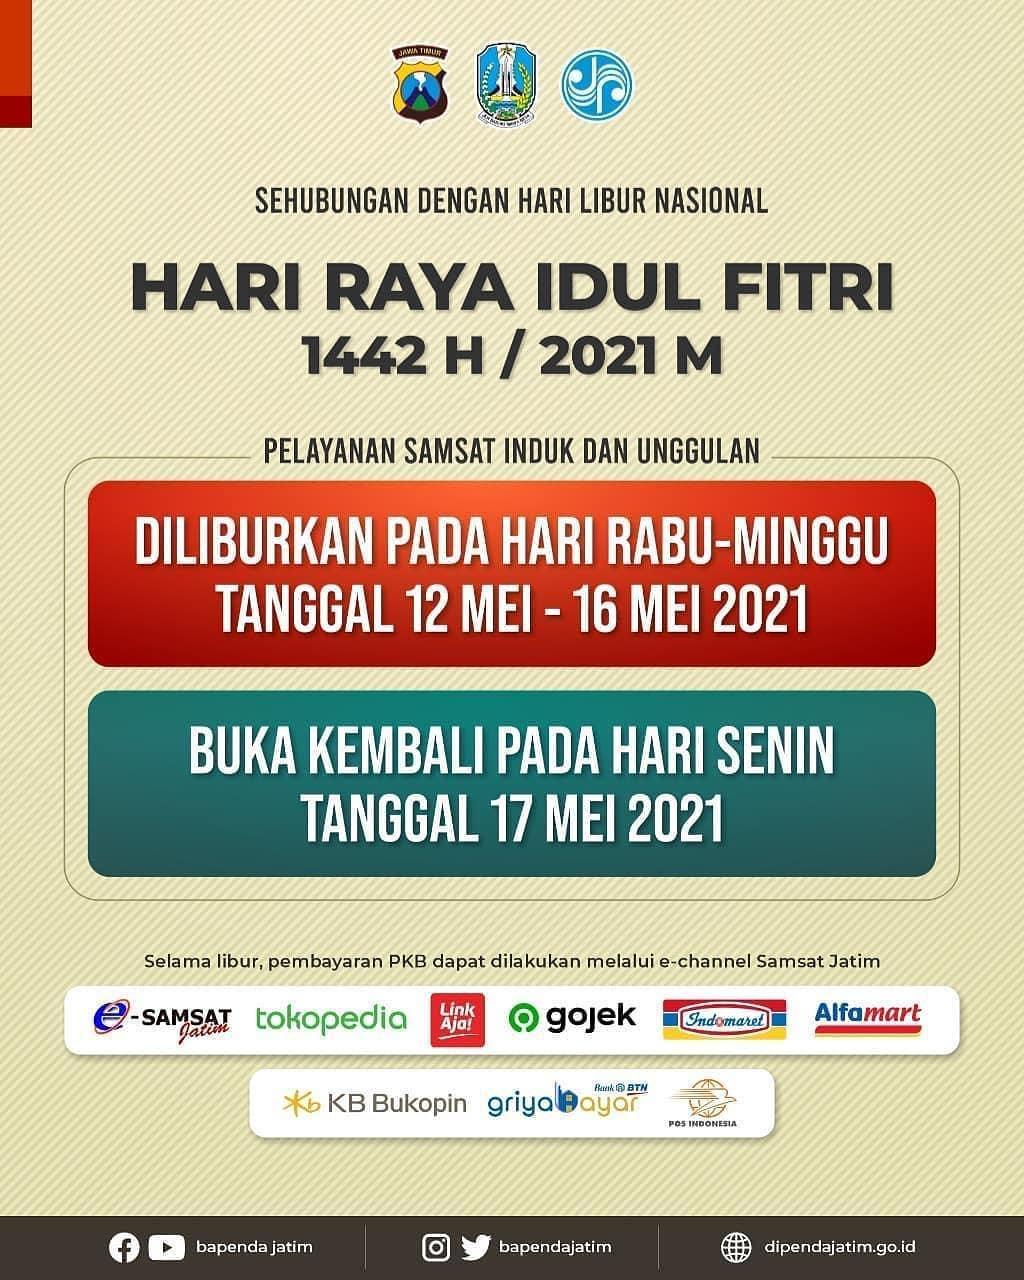 Pengumuman Libur Samsat Jatim.  Sehubungan dengan libur Hari Raya Idul Fitri 1442H / Tahun 2021…